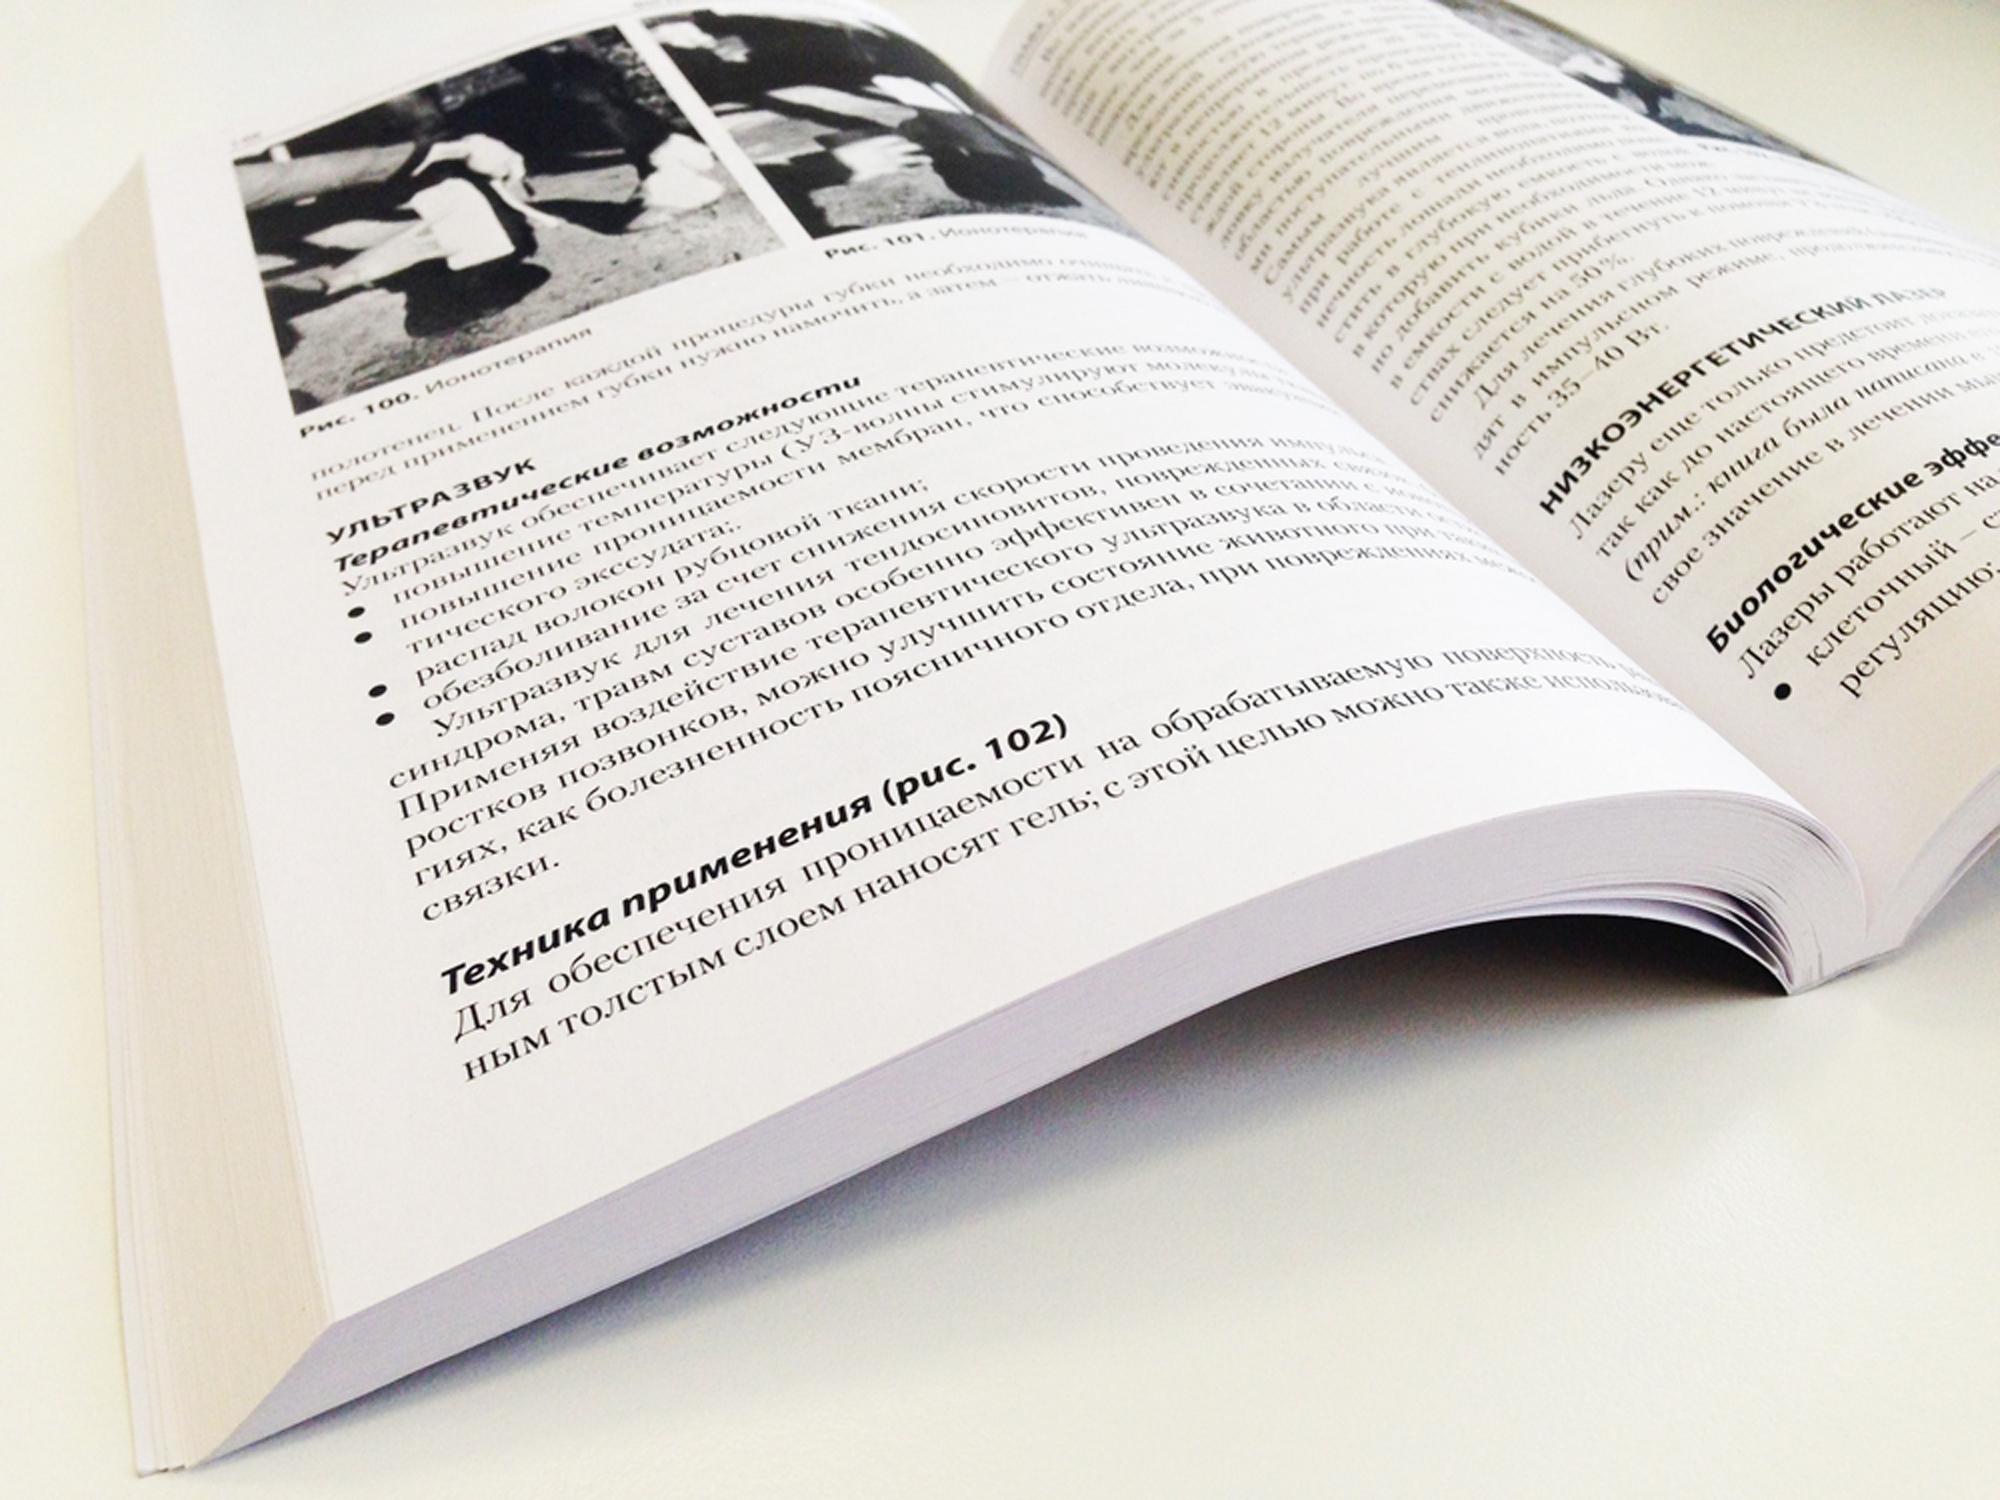 Физиотерапия и массаж лошадей, книга